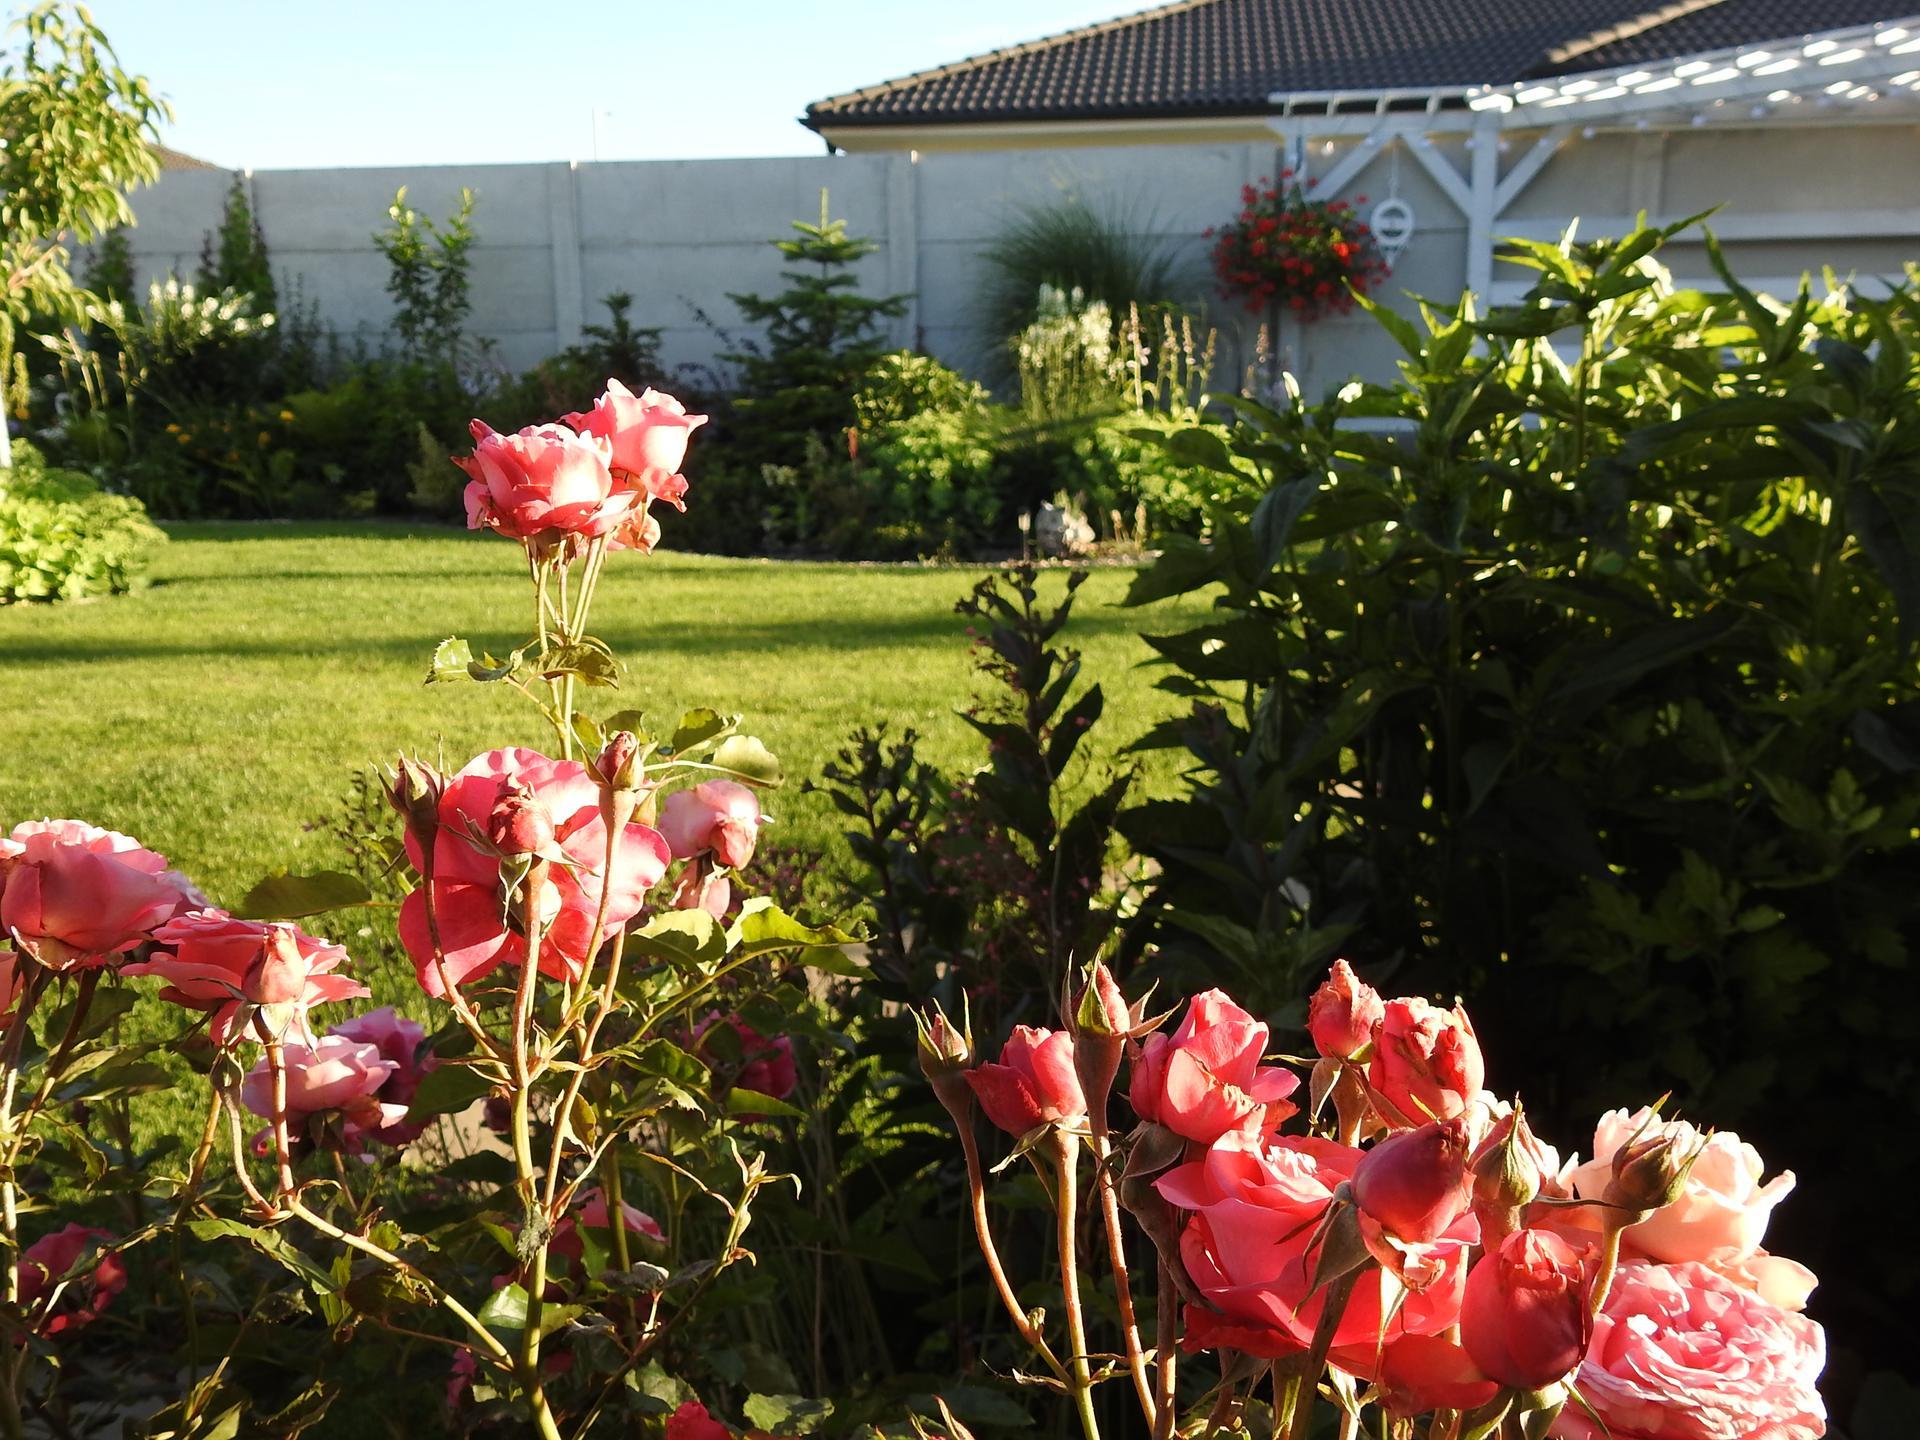 júl mesiac letných kvetov - Obrázok č. 18